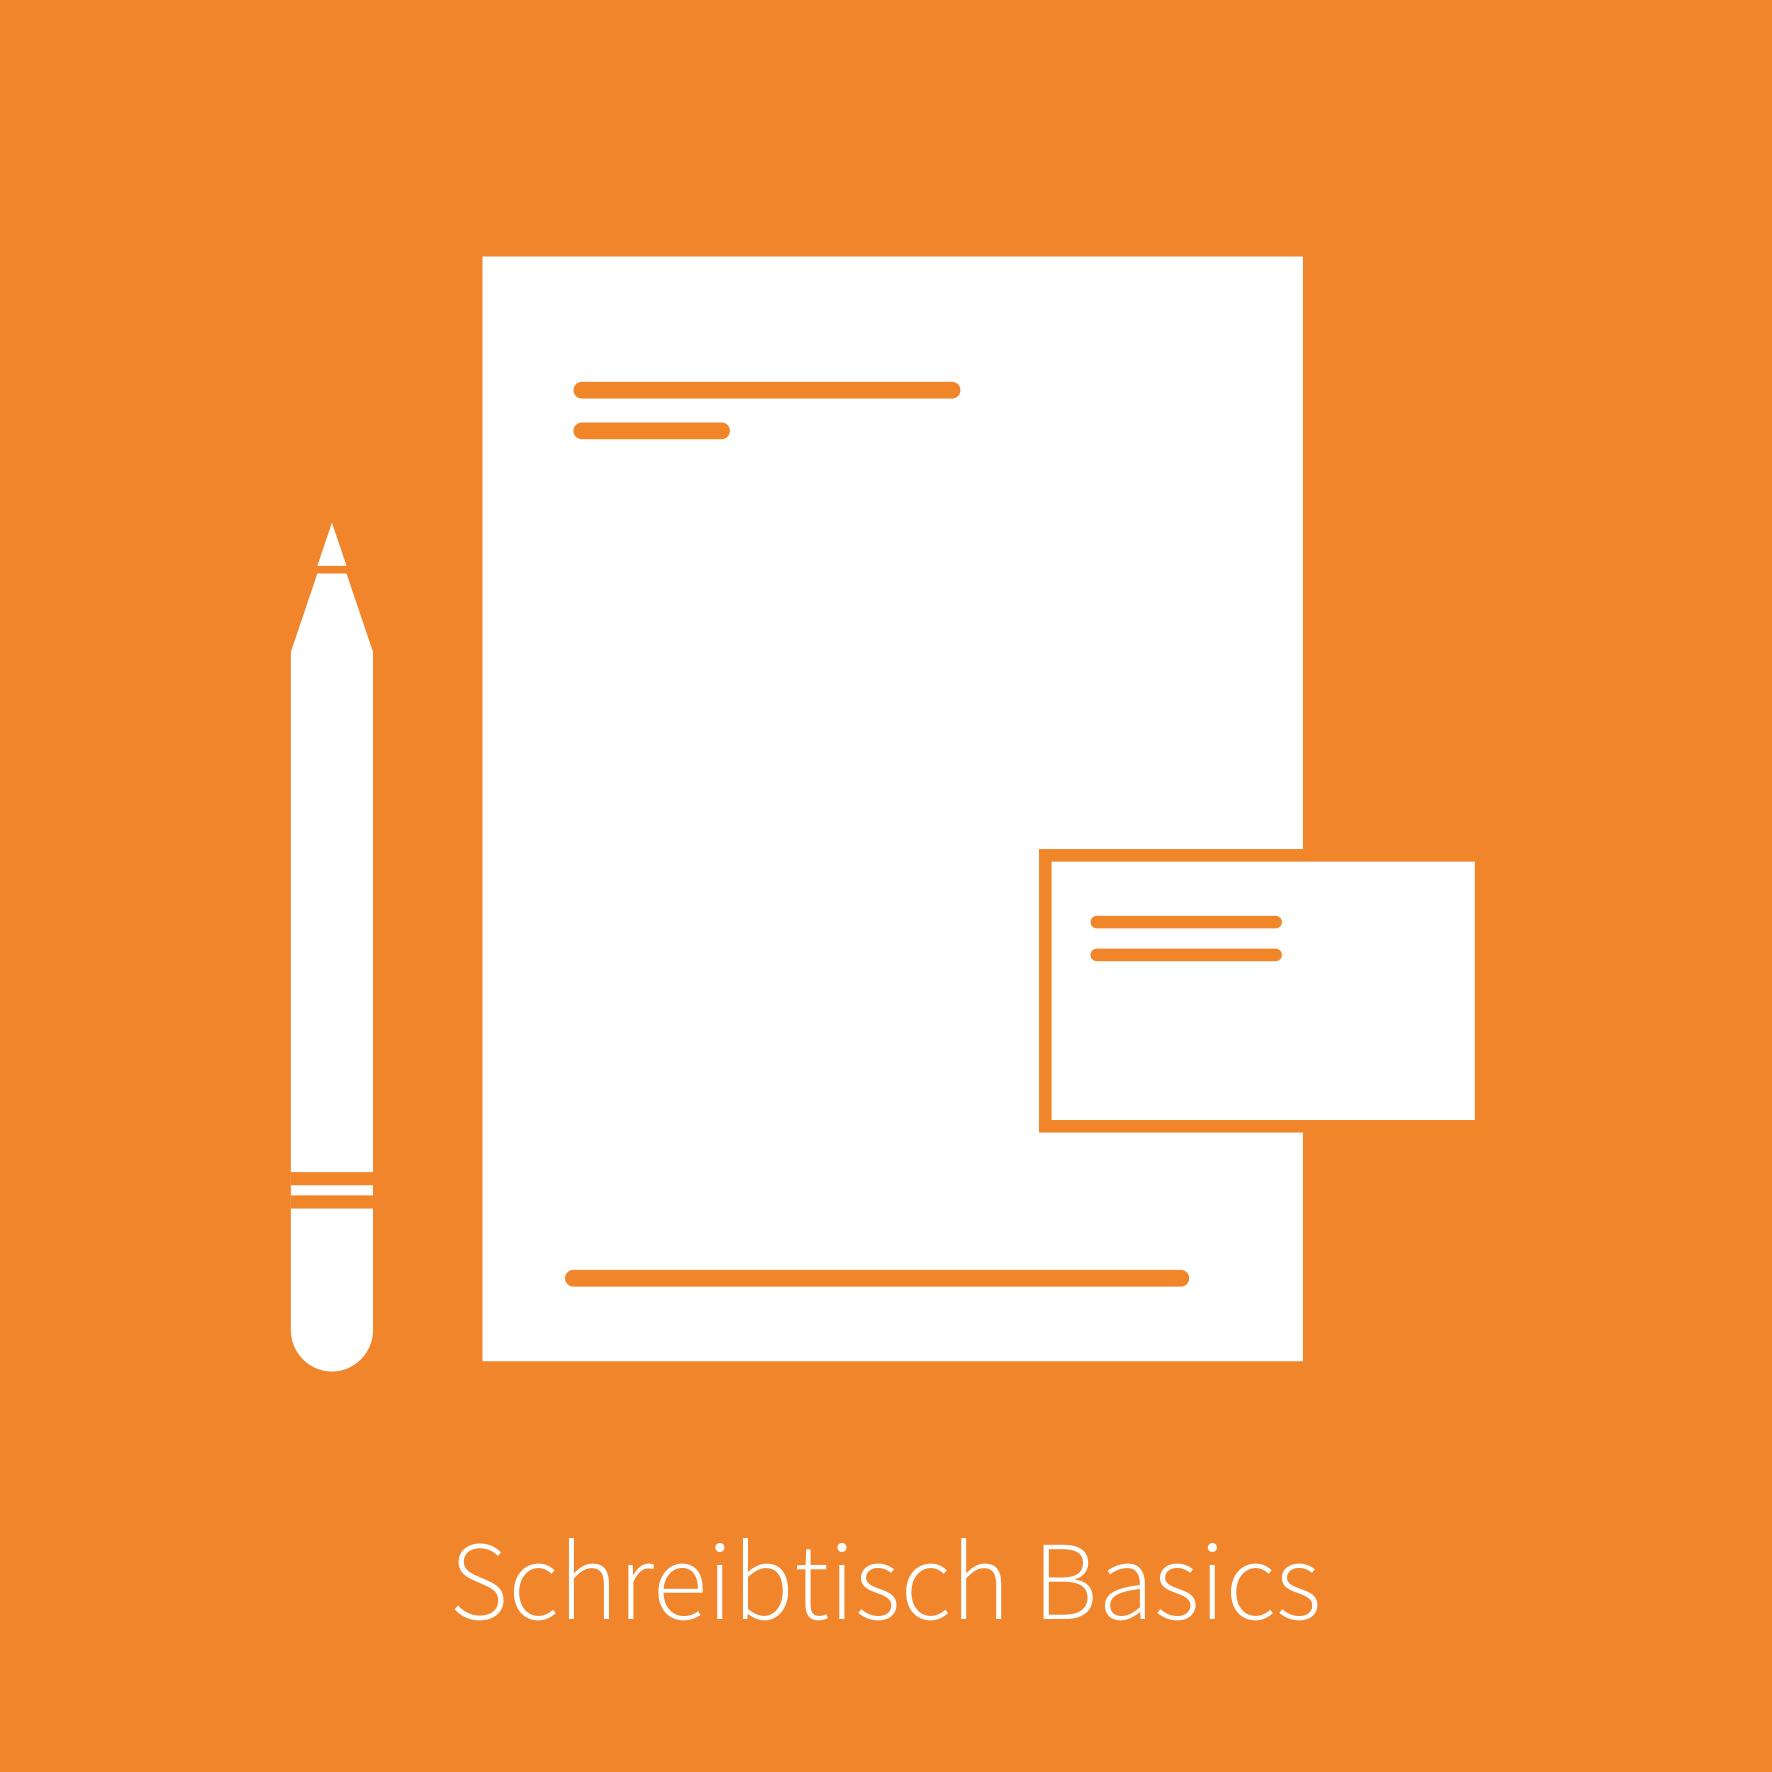 Schreibtisch Basics